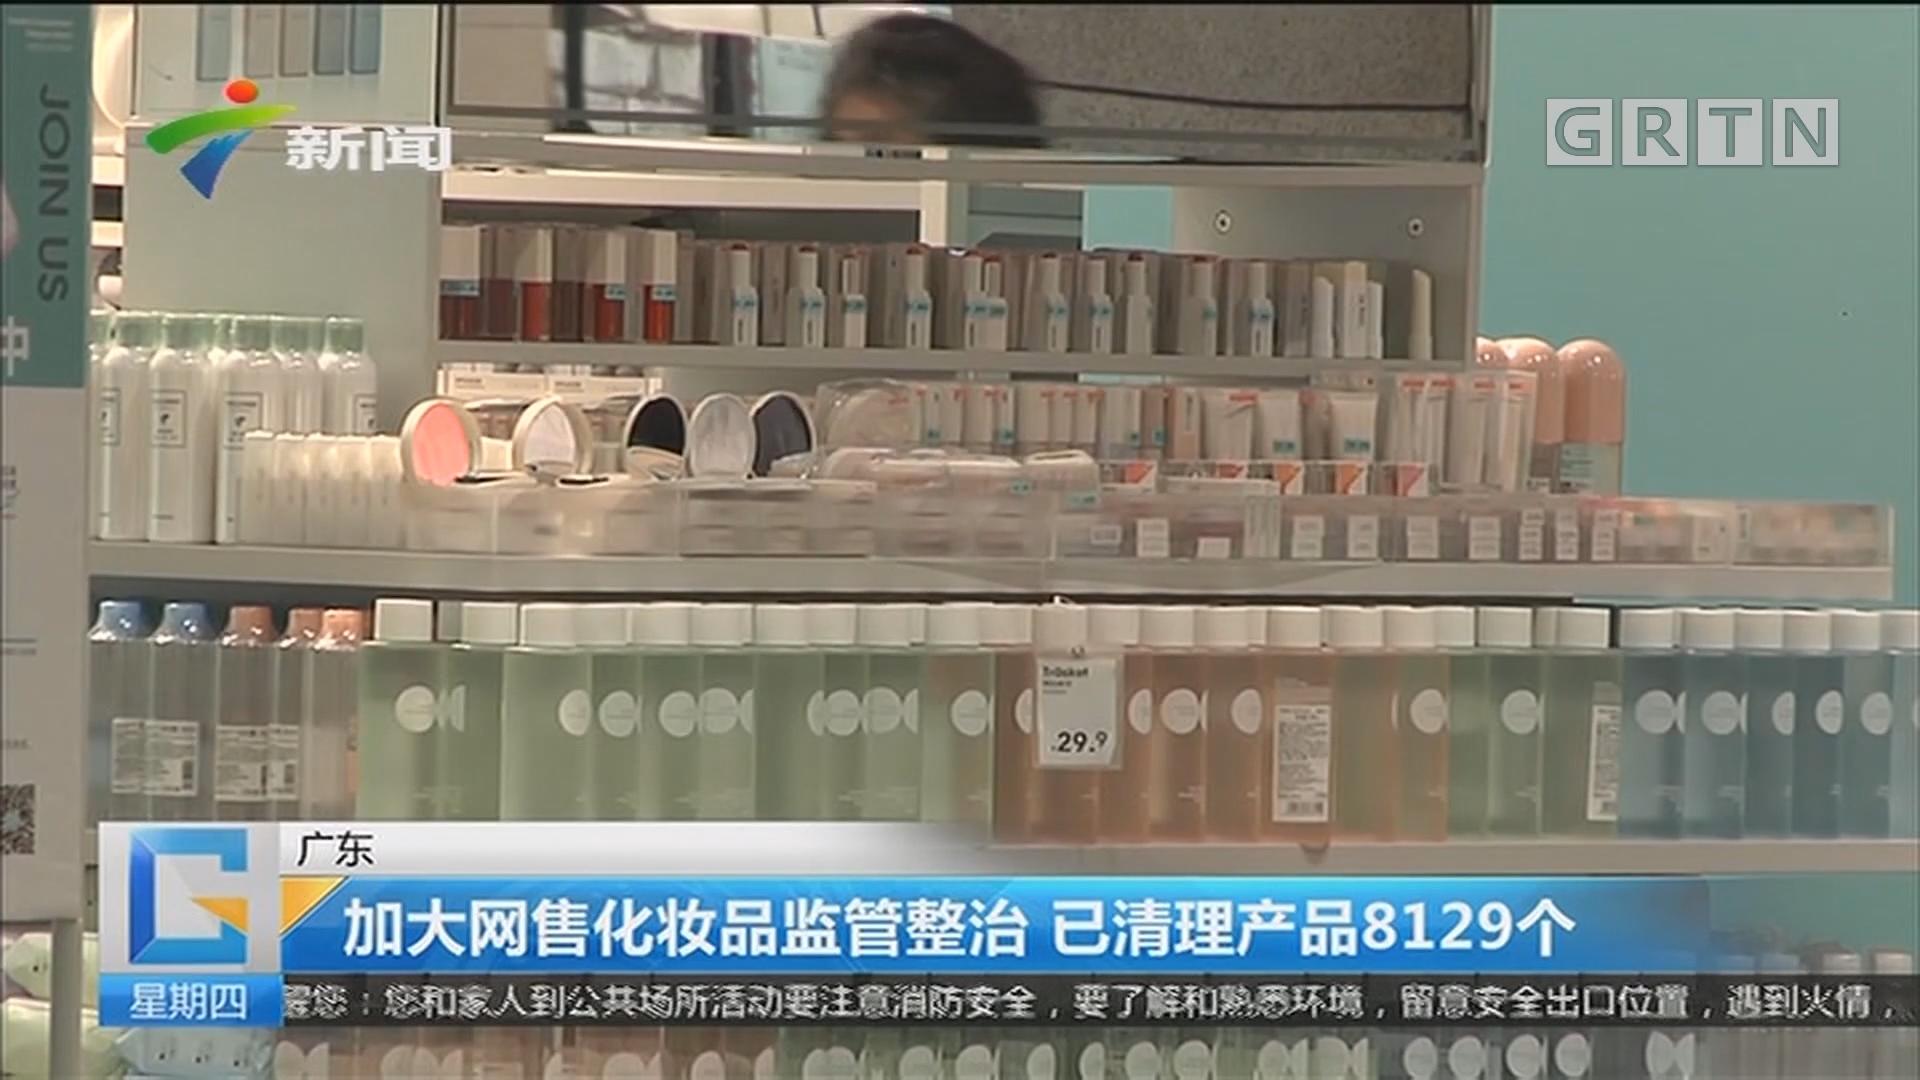 广东:加大网售化妆品监管整治 已清理产品8129个